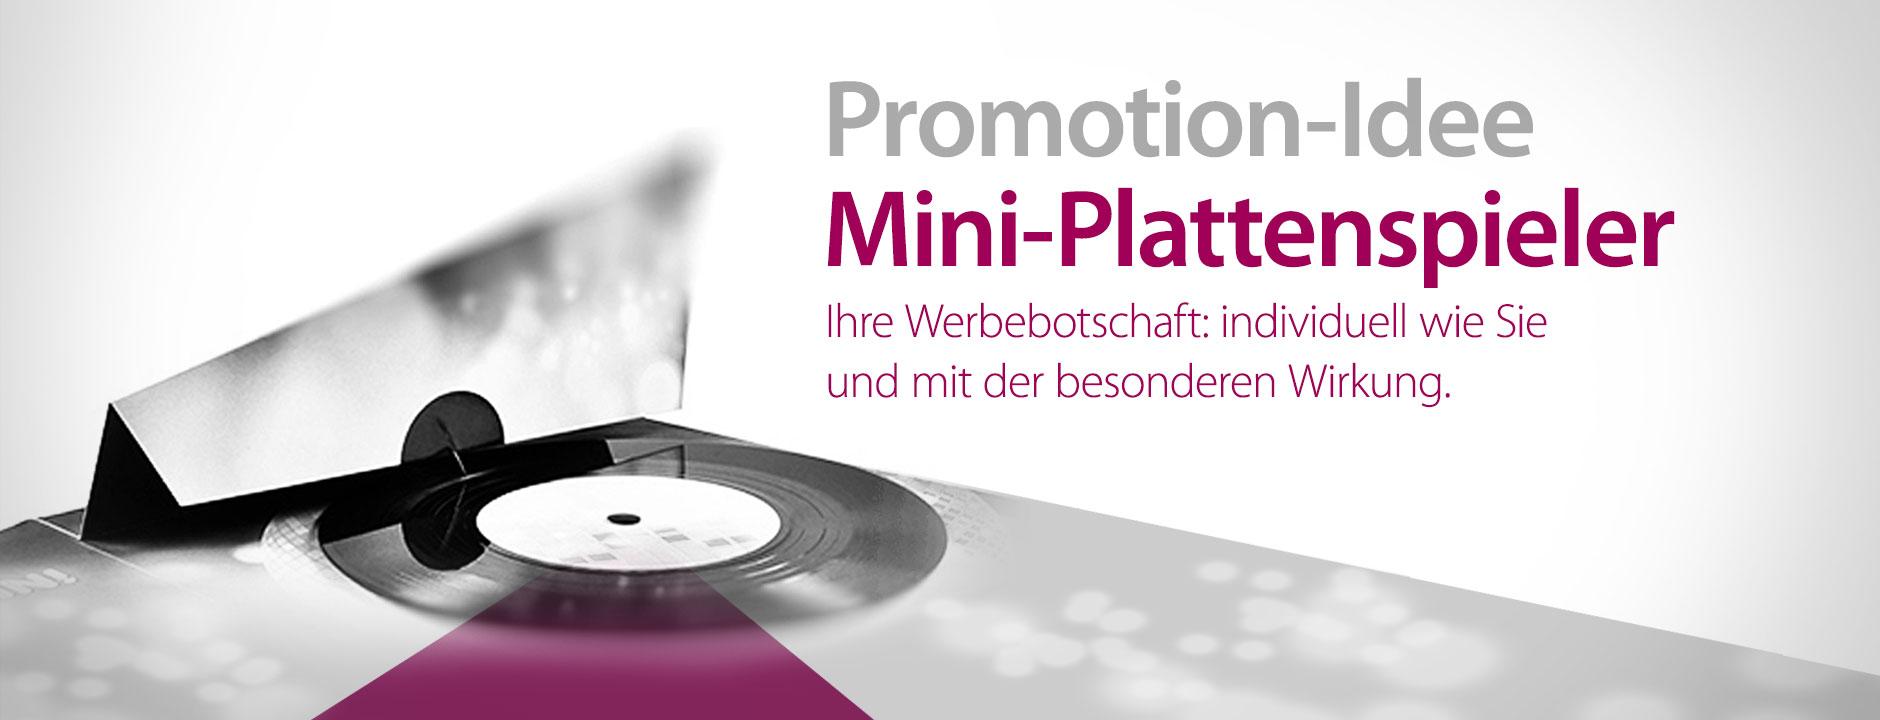 Promotion-Idee - Mini-Plattenspieler